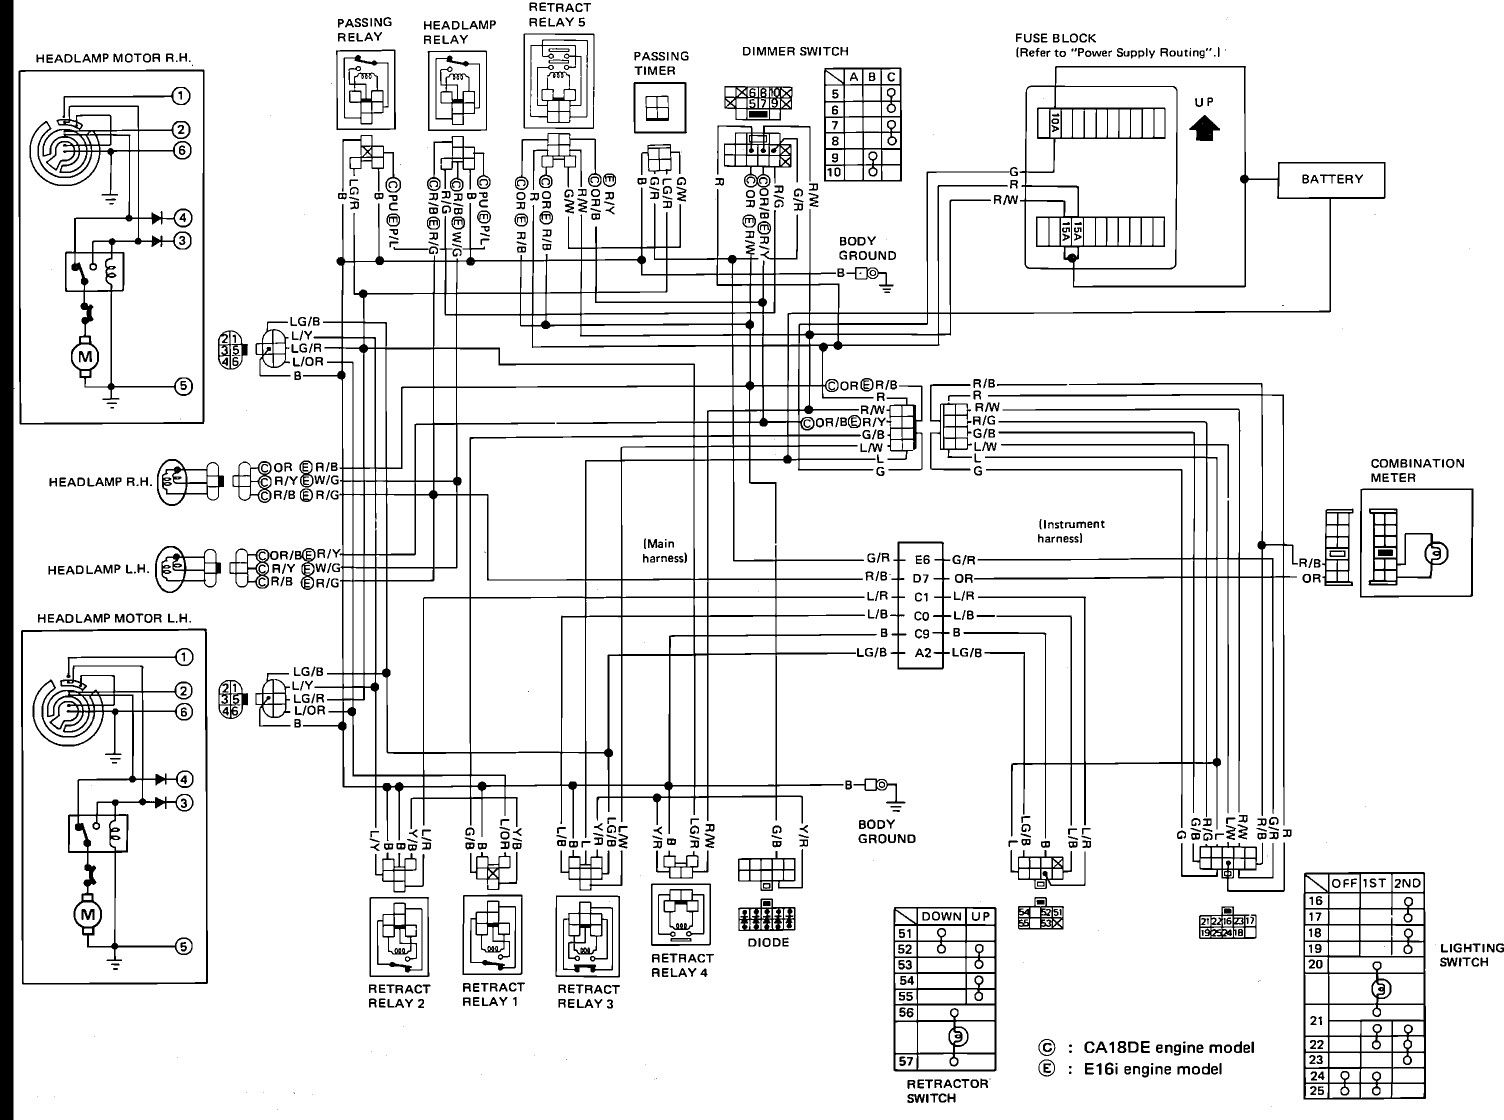 7 Point Wiring Diagram